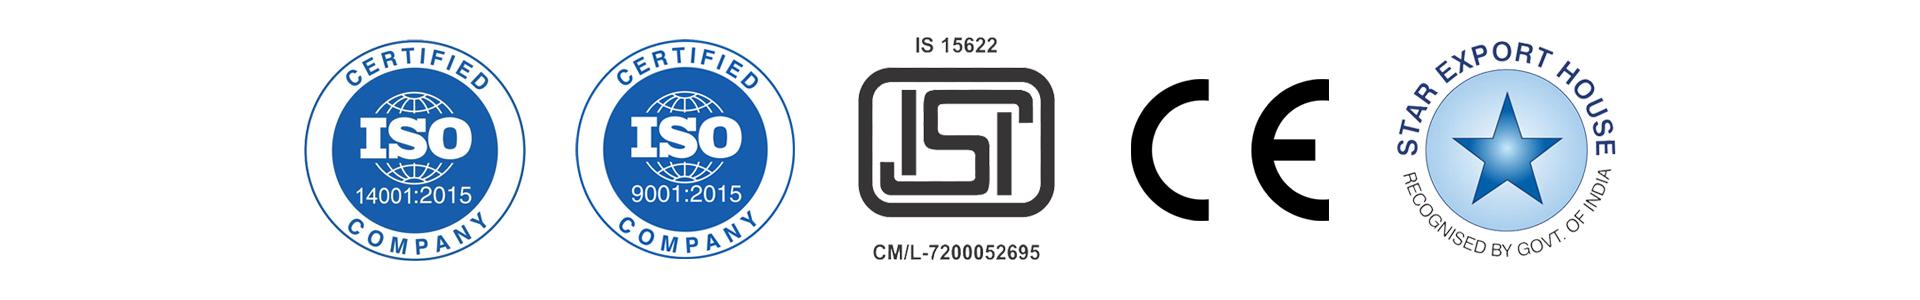 ambani certificate_logo ceramic tiles sanitaryware